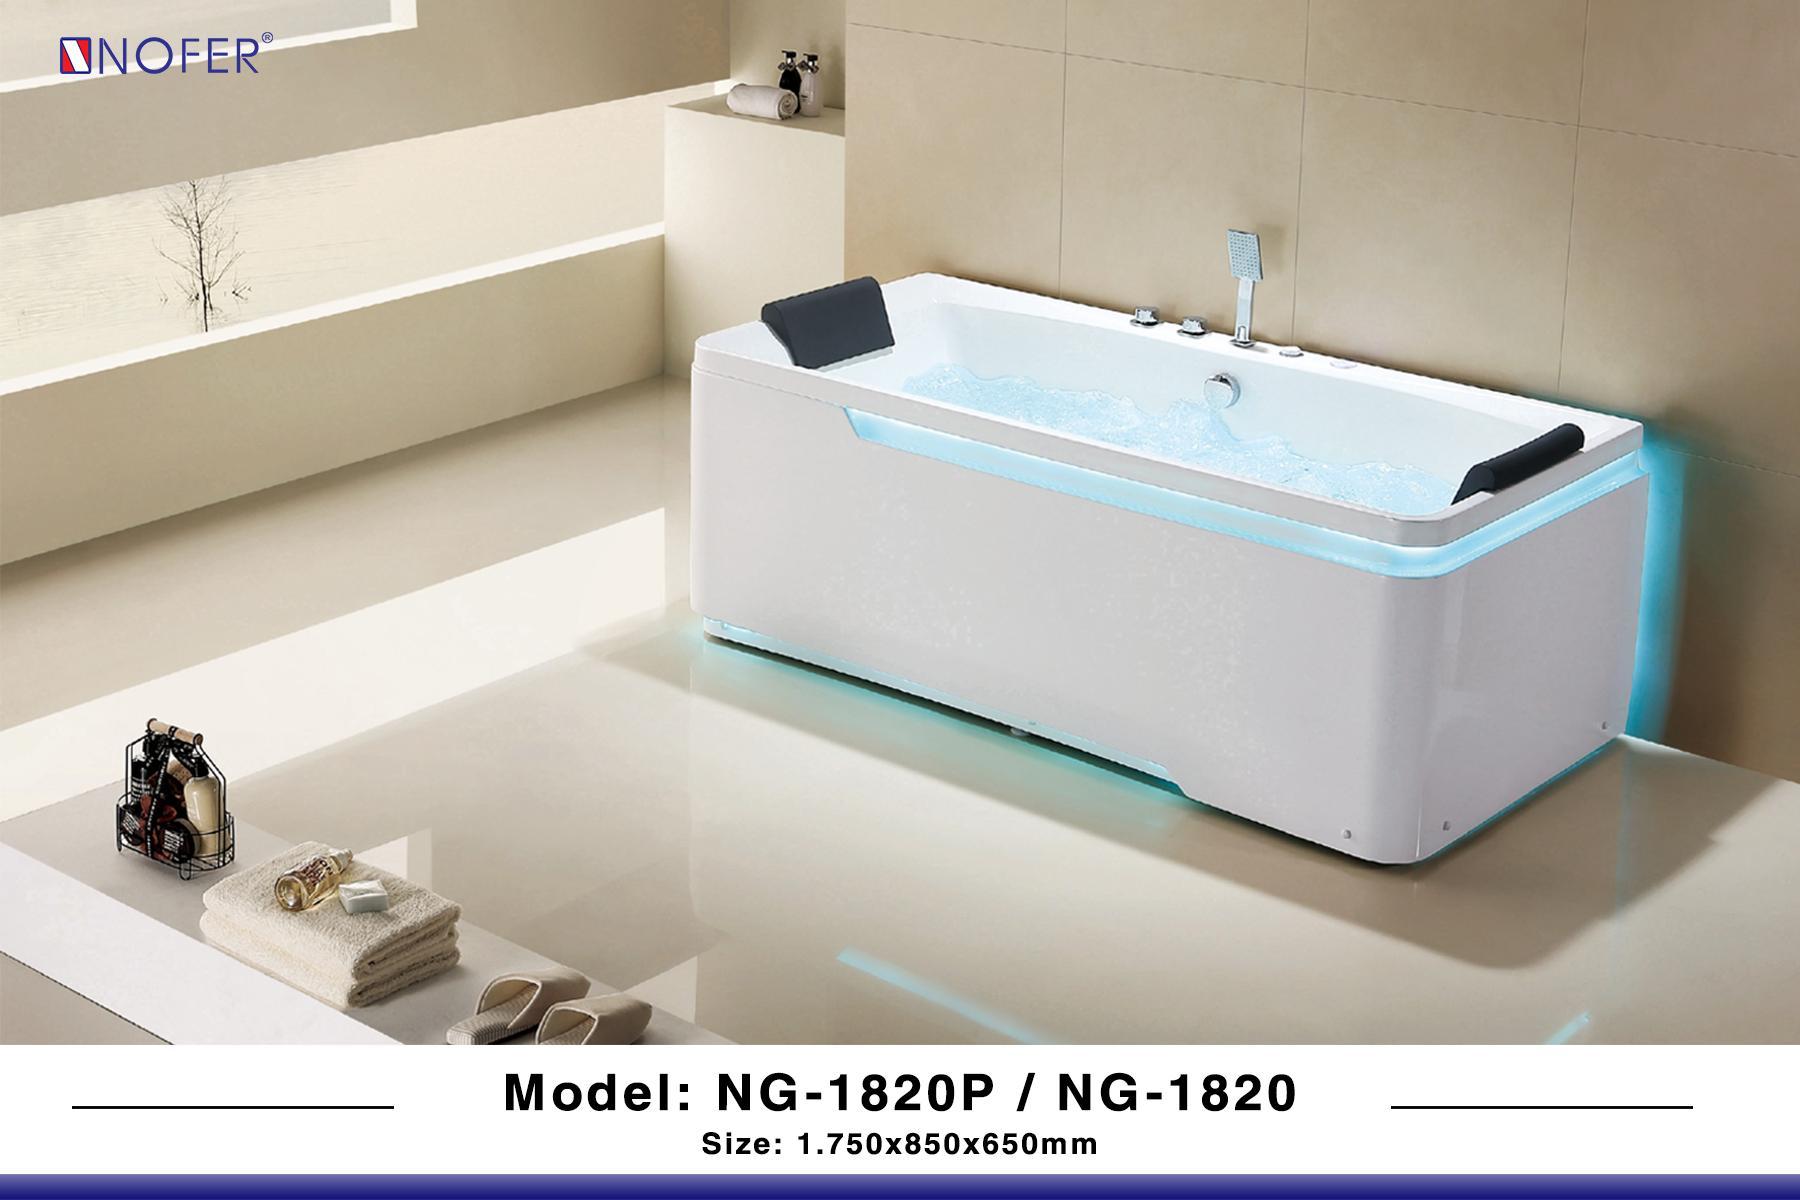 Bồn tắm massage NG-1820P/NG-1820